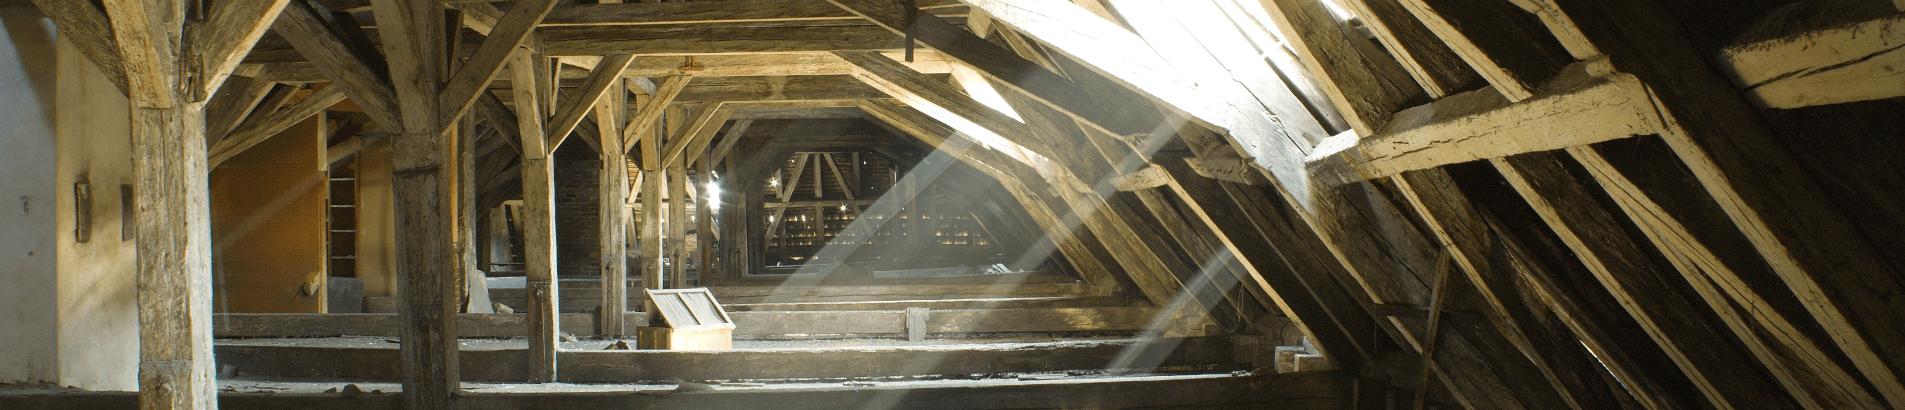 Picardie Pass Rénovation booste l'activité des artisans locaux !